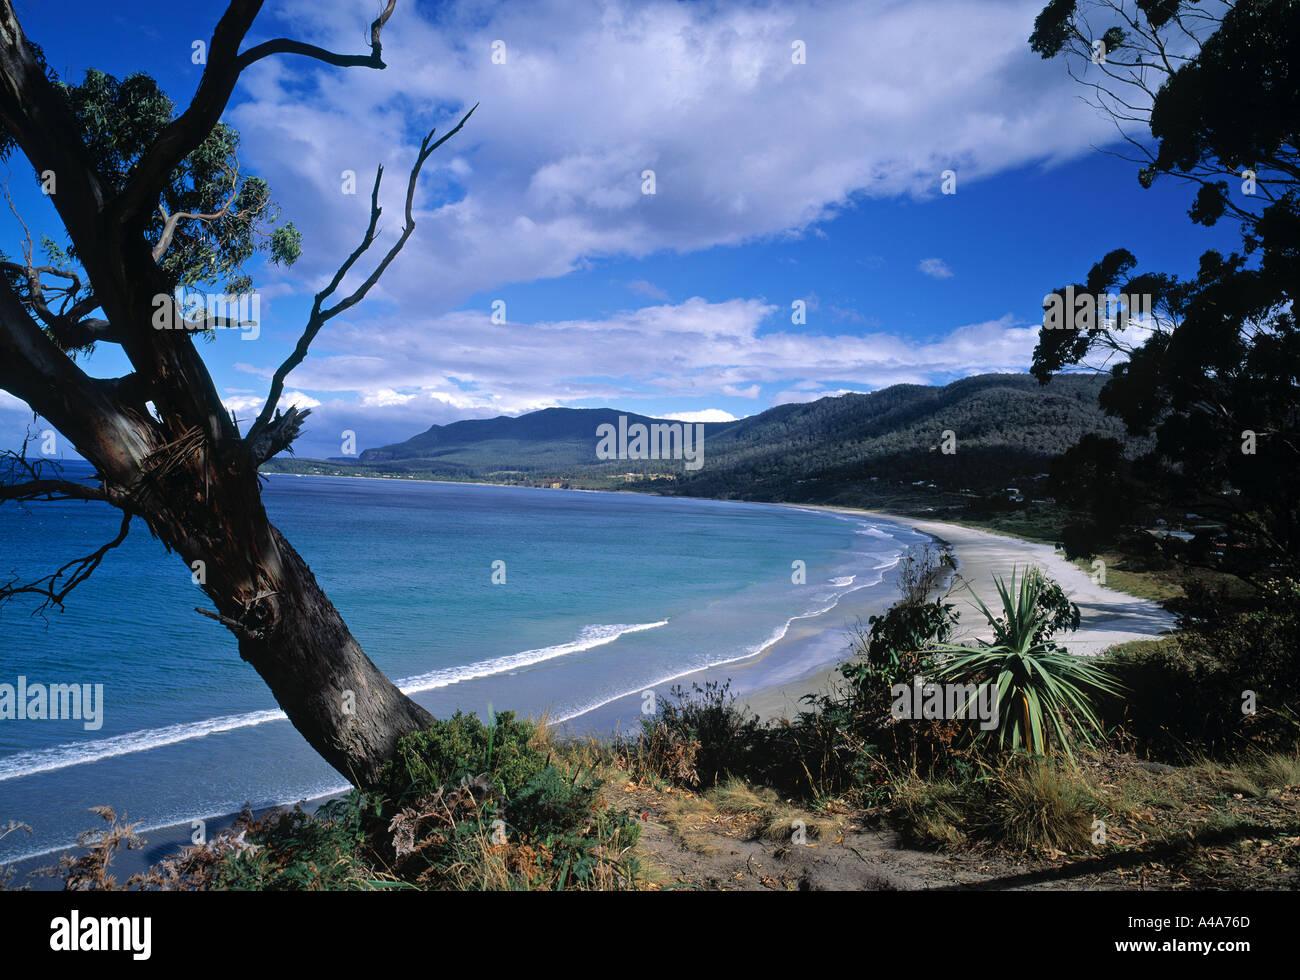 Pirates Bay, Tasmania, Australia - Stock Image